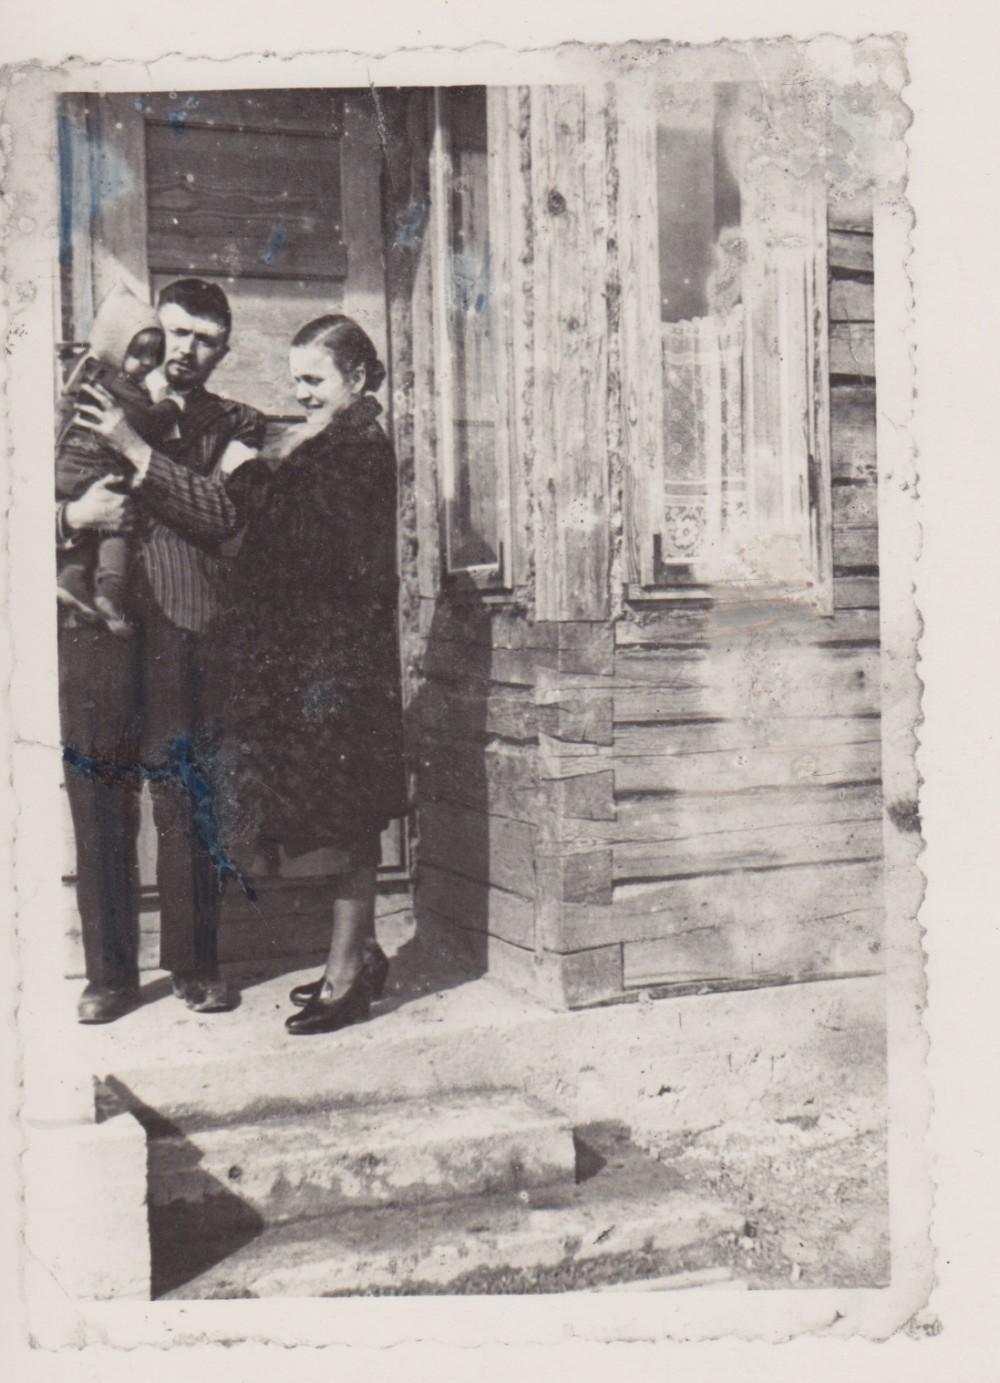 Su vyru B. Buču ir sūnumi Sauliumi prie savo namo. Palemonas. Apie 1938 m.